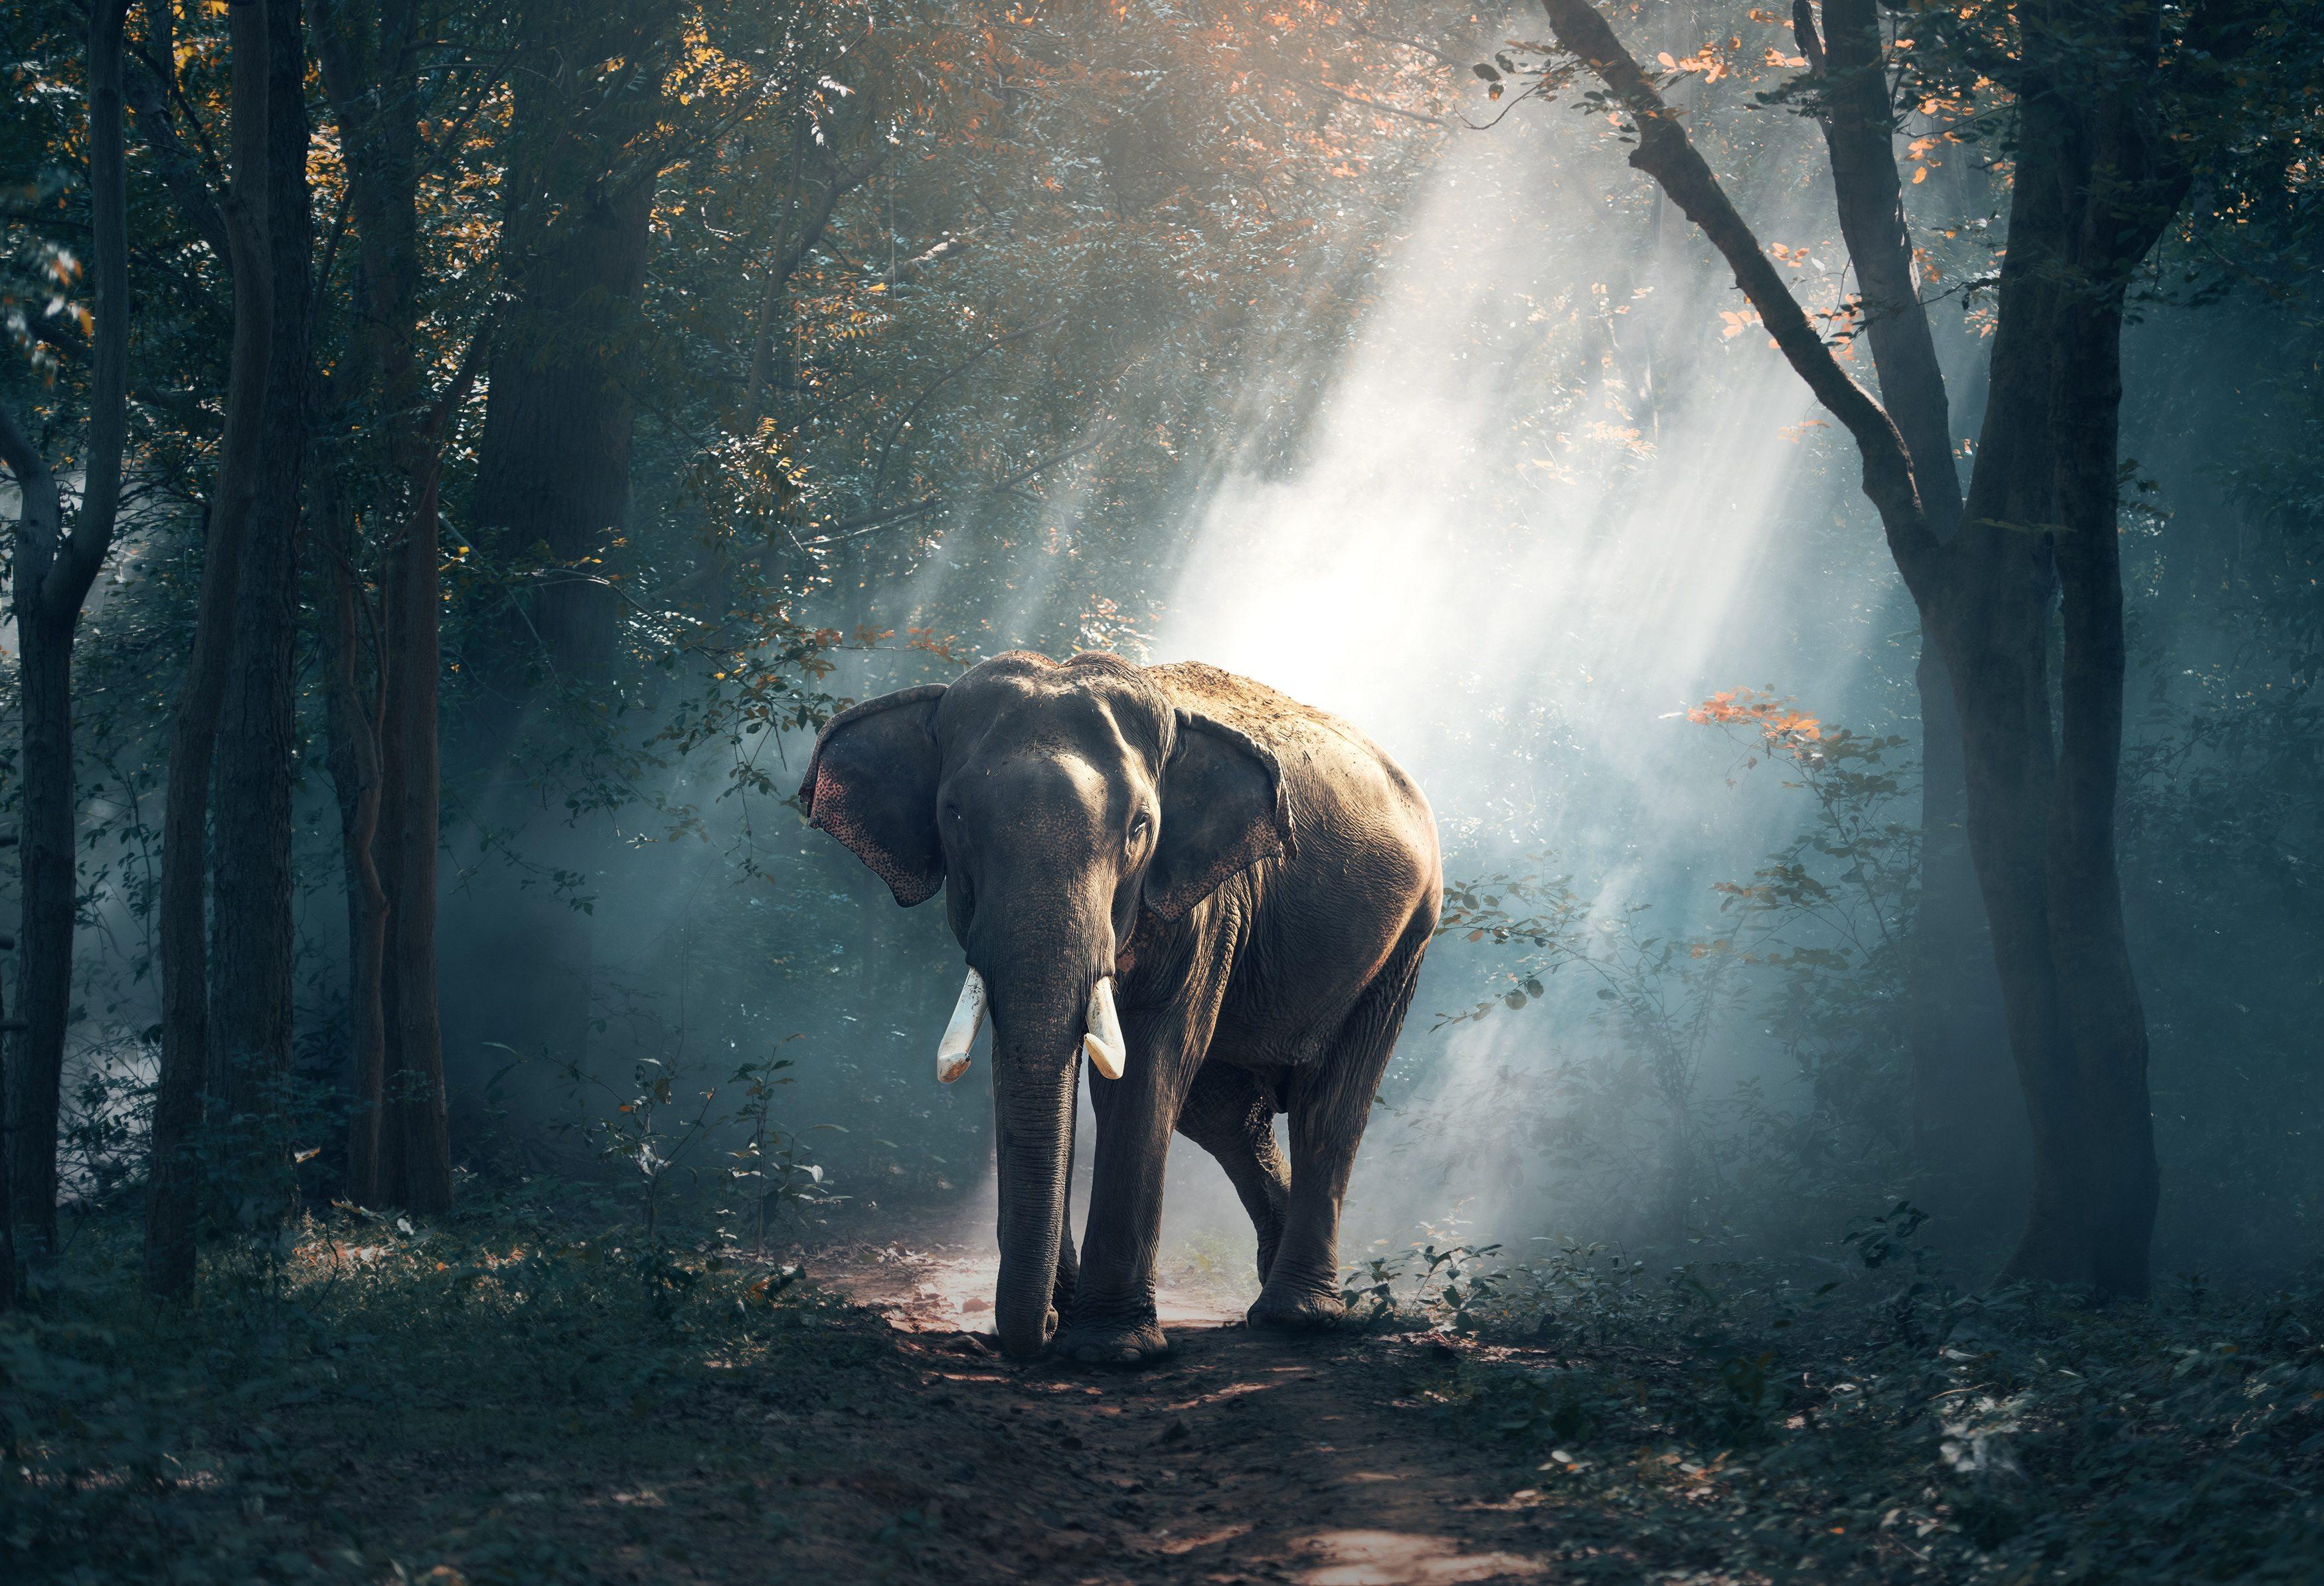 слон, лес, лучи солнца, деревья, животные, растения